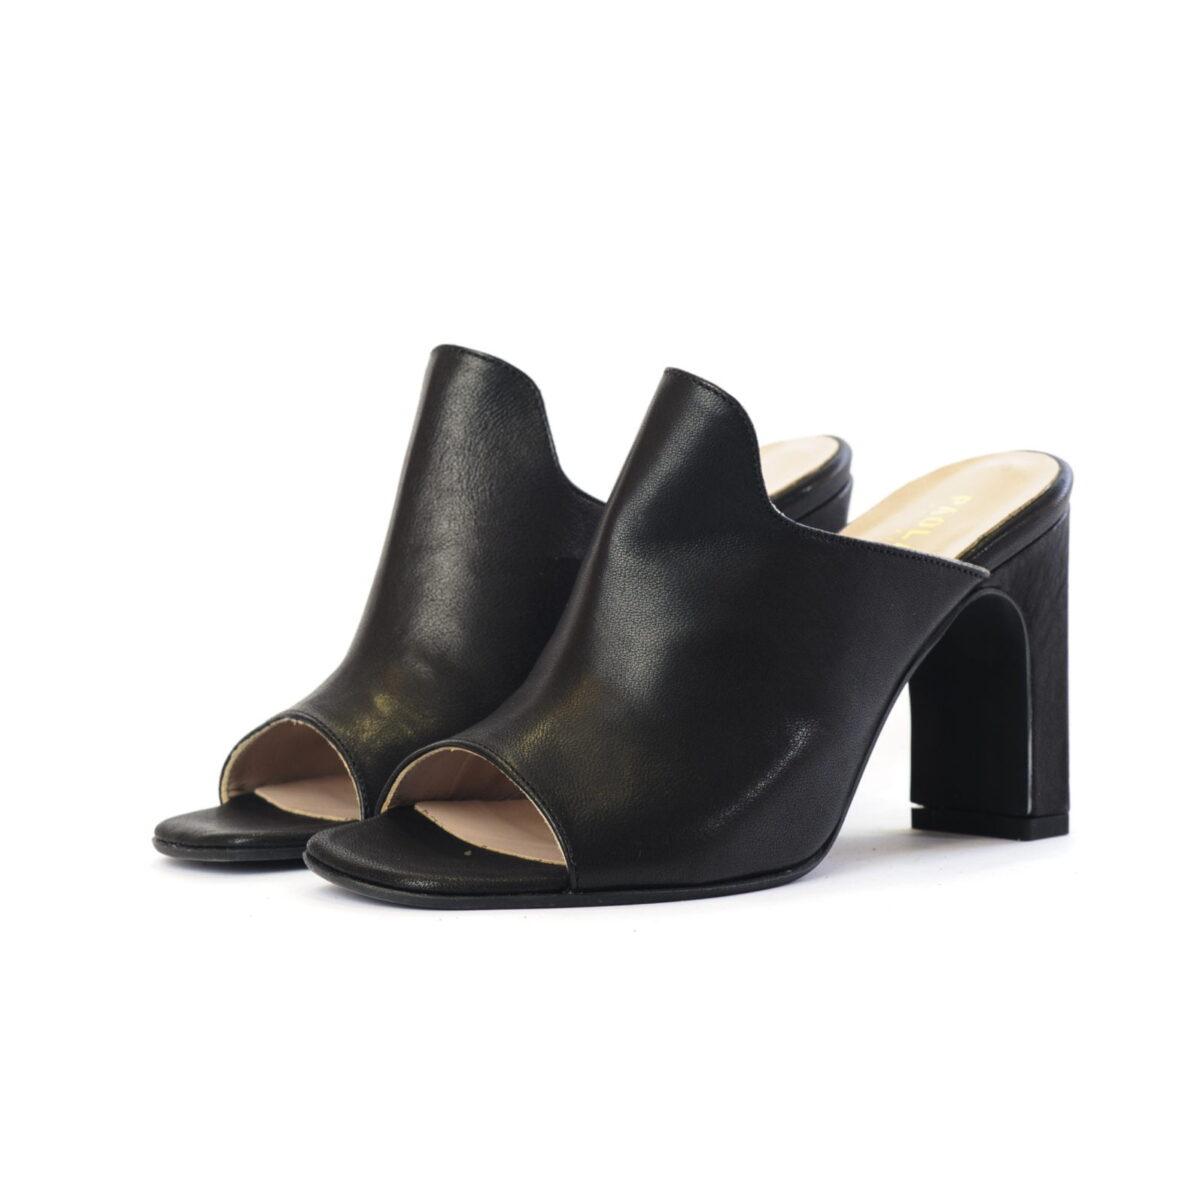 Γυναικεία Παπούτσια Γυναικείες Mules Παντόφλες με Τακούνι